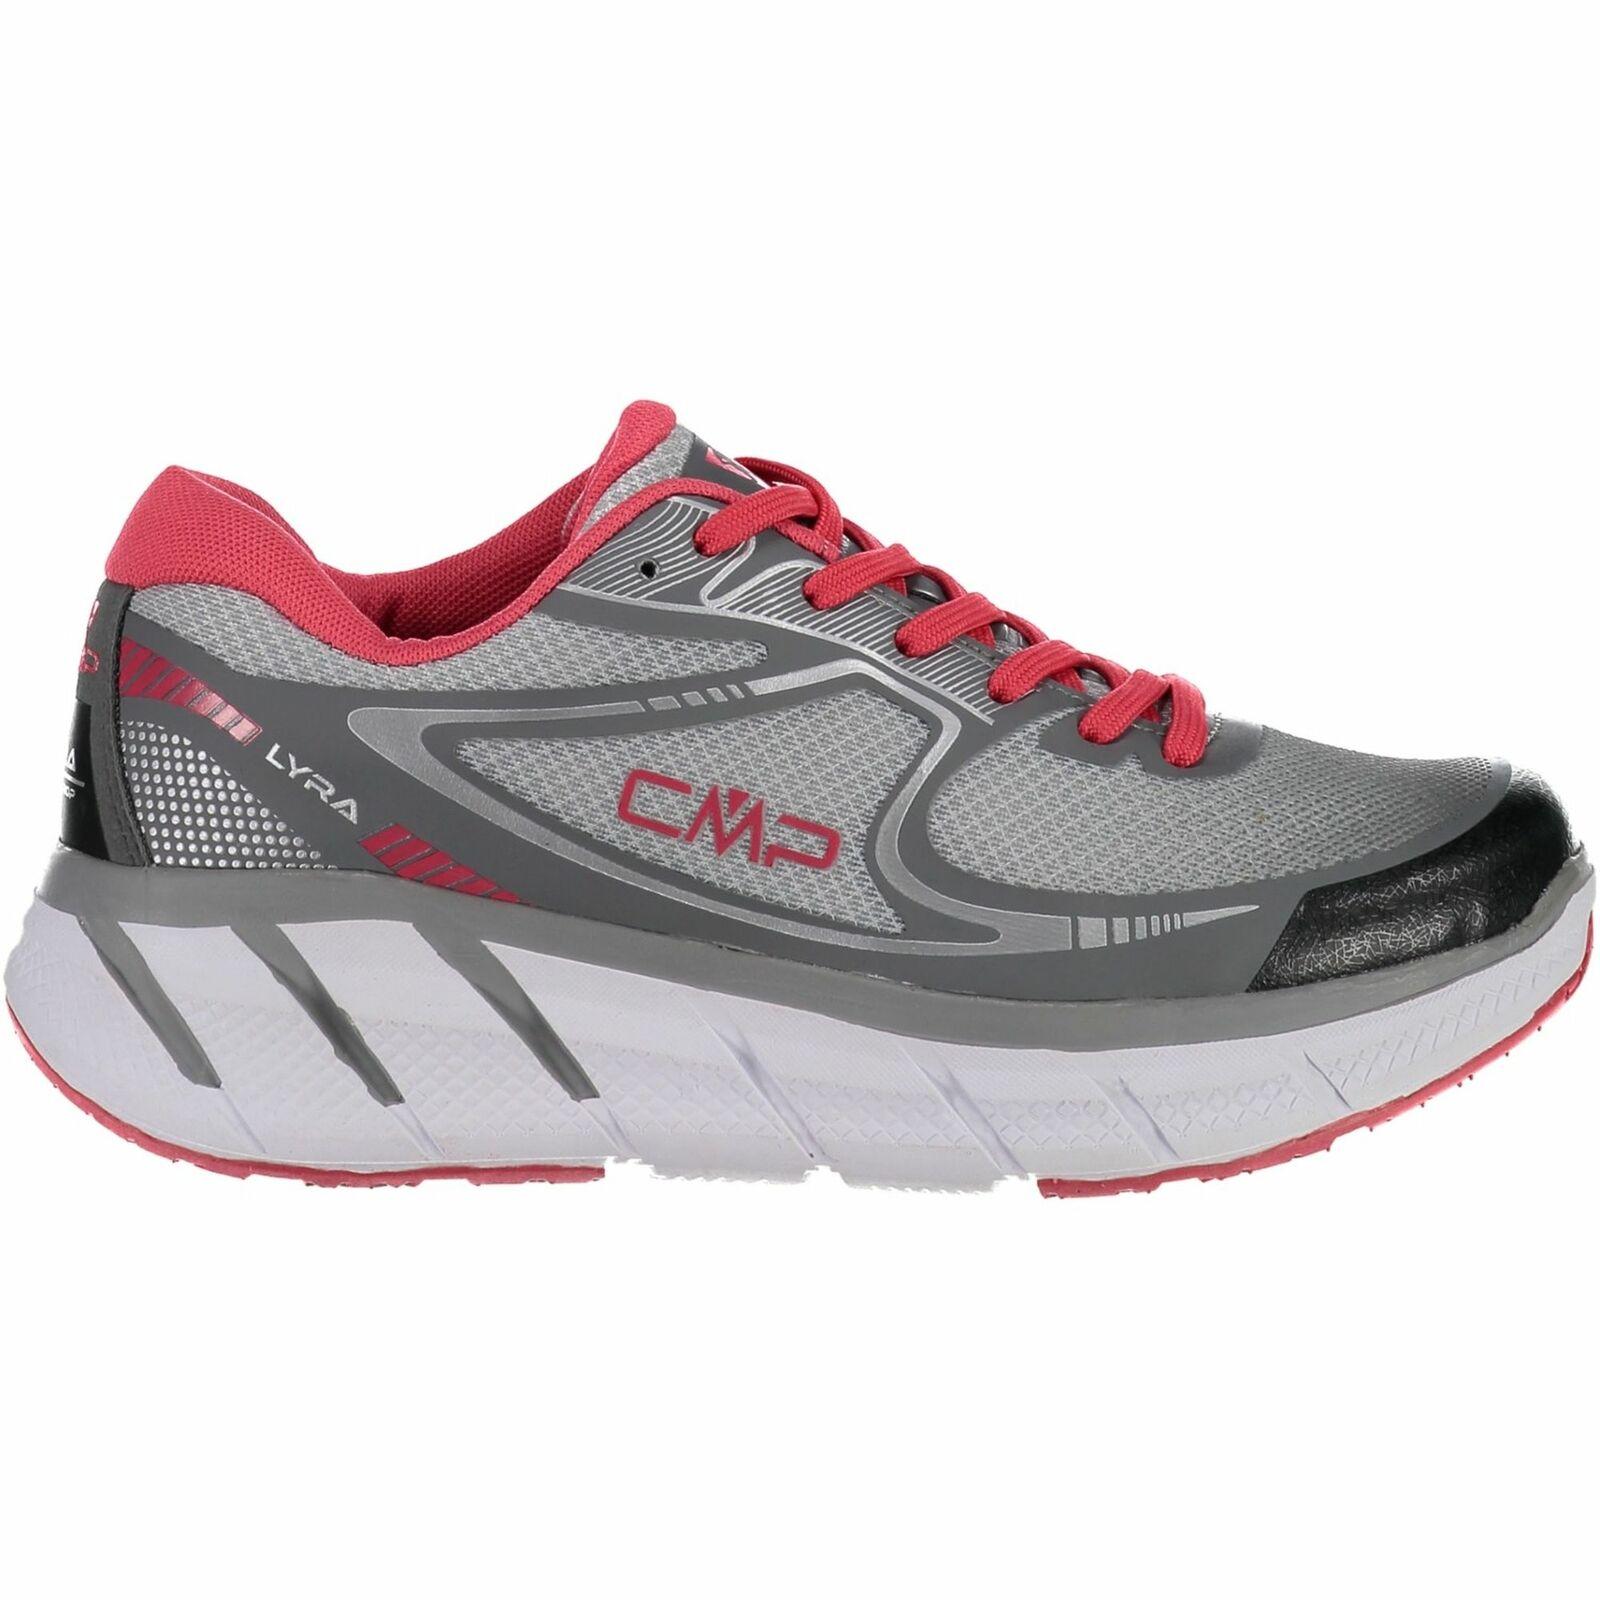 CMP zapatillas calzado deportivo Lyra maxi WMN Corriendo zapatos gris  monocromo Mesh  tienda en linea